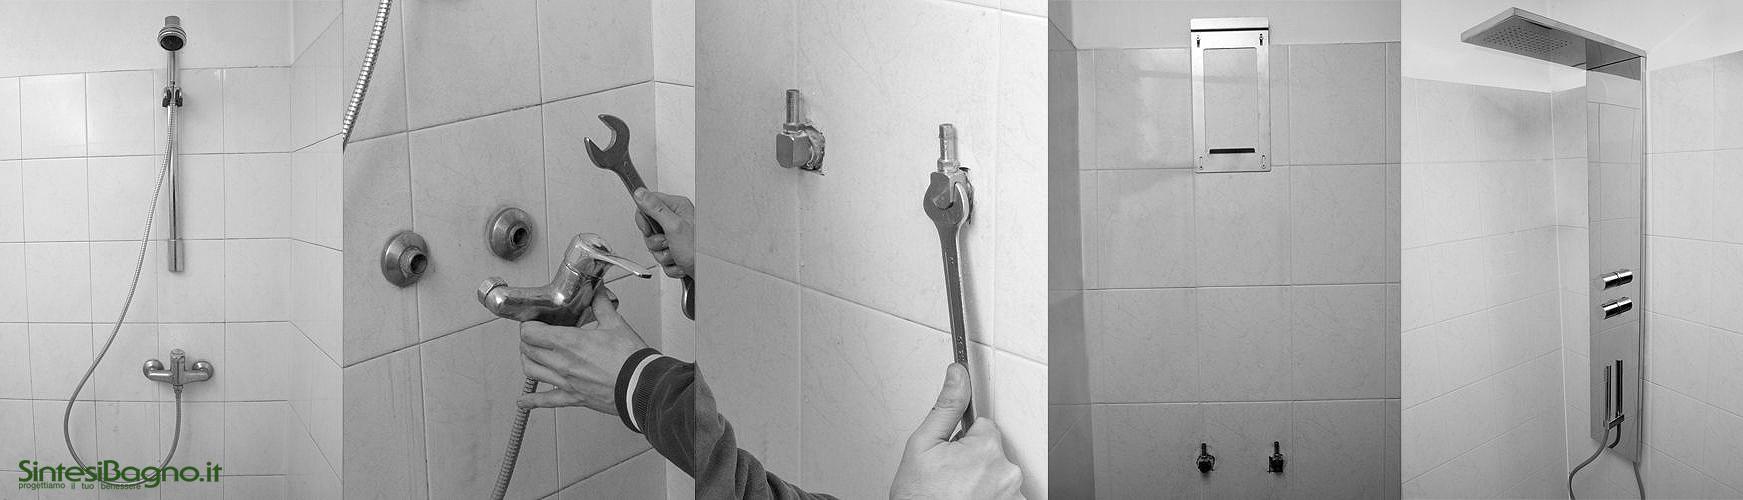 Sostituire l'impianto doccia senza intervento idraulico e di muratura